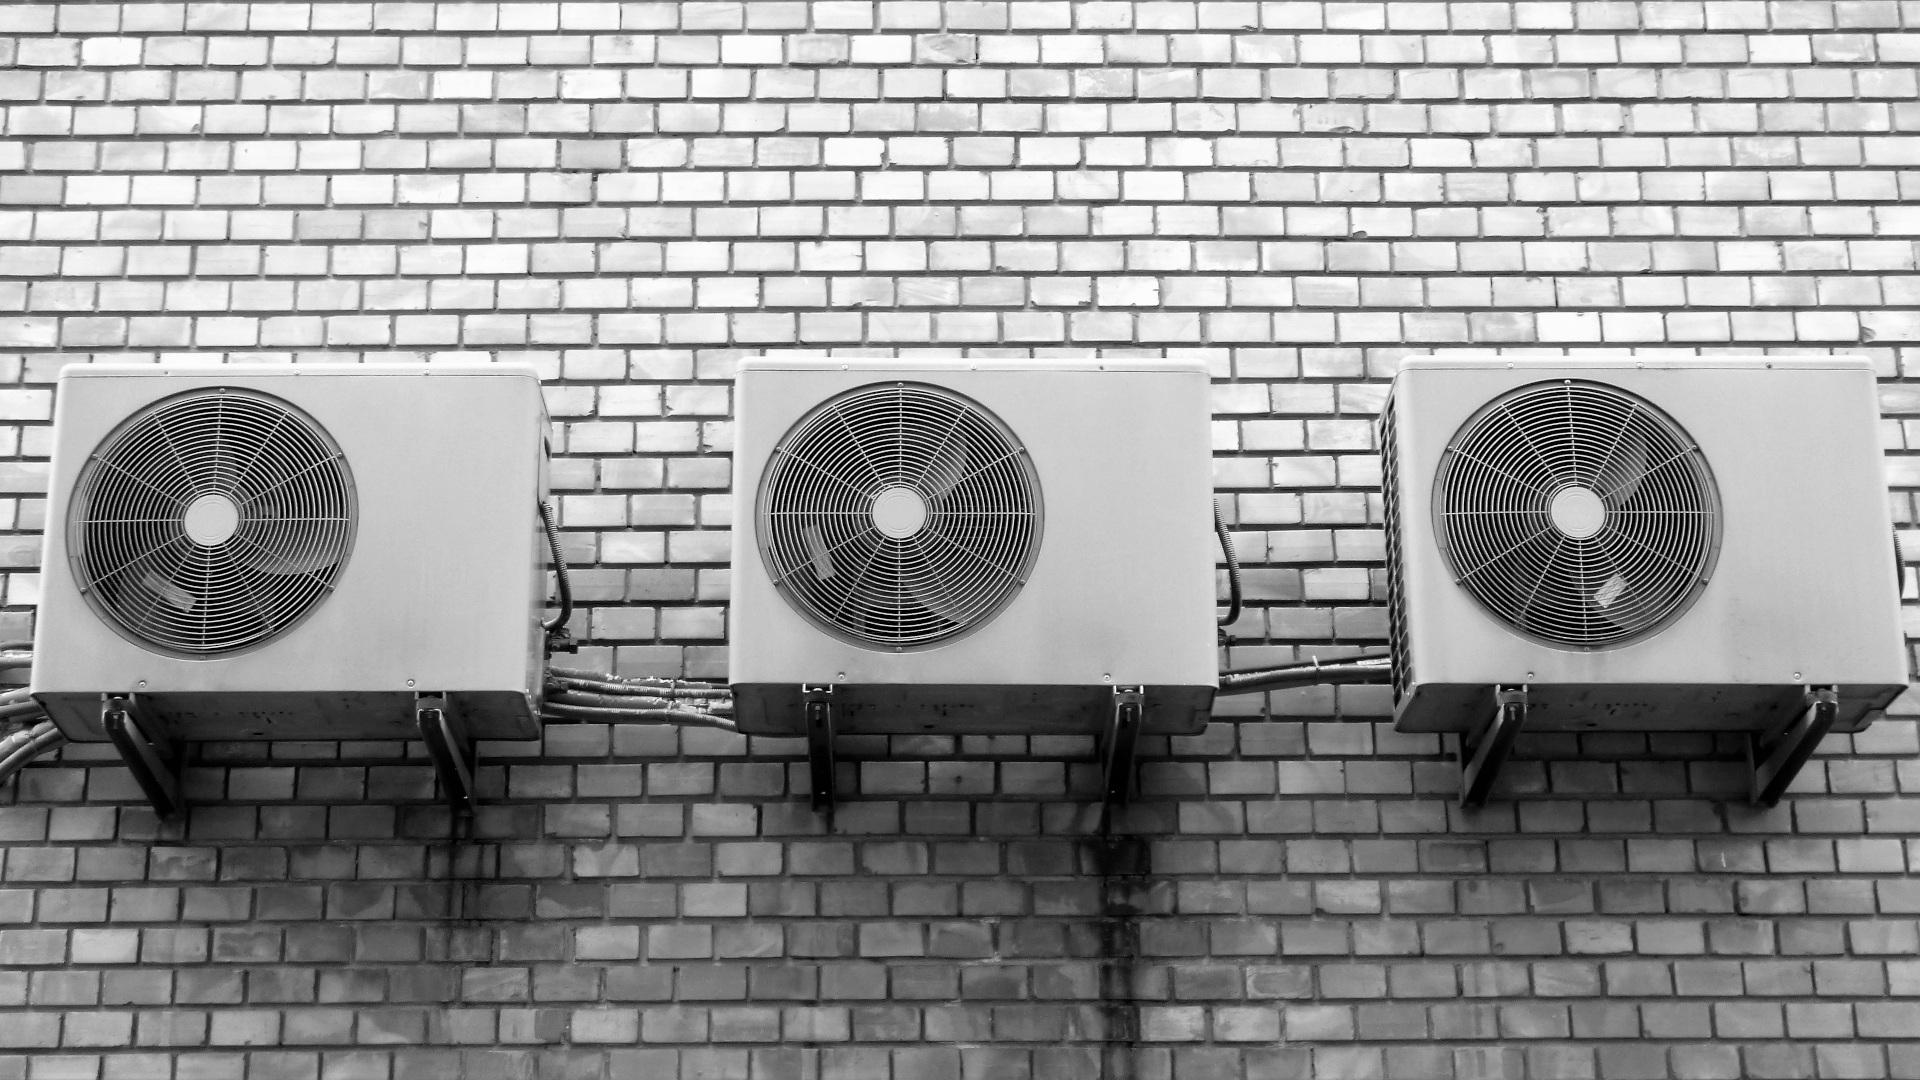 Ilmalämpöpumpun asentamiset julkisivuilla aiheuttavat taloyhtiöissä kriittisyyttä ulkoyksikköjen ulkonäön ja mahdollisten meluhaittojen takia.